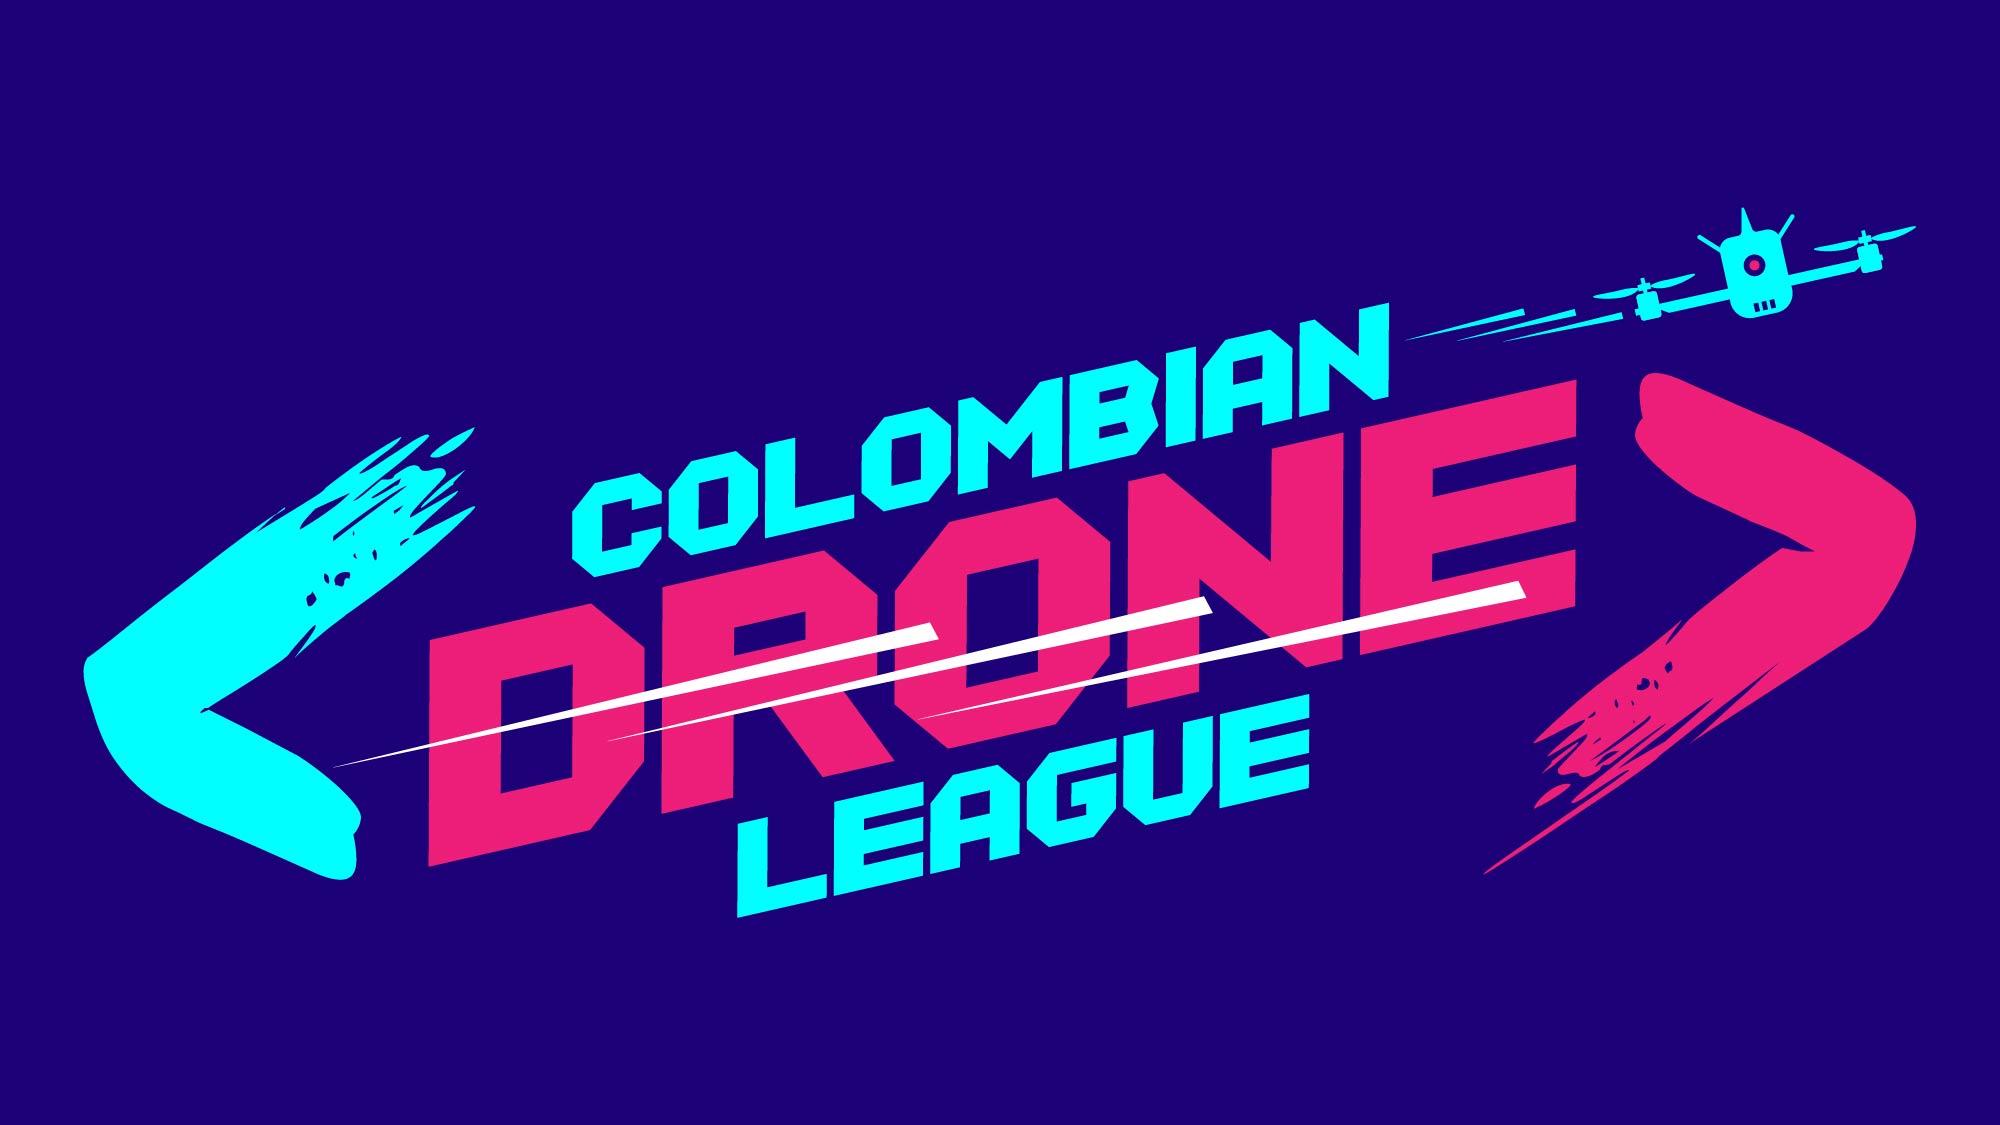 Logo Colombian Drone League